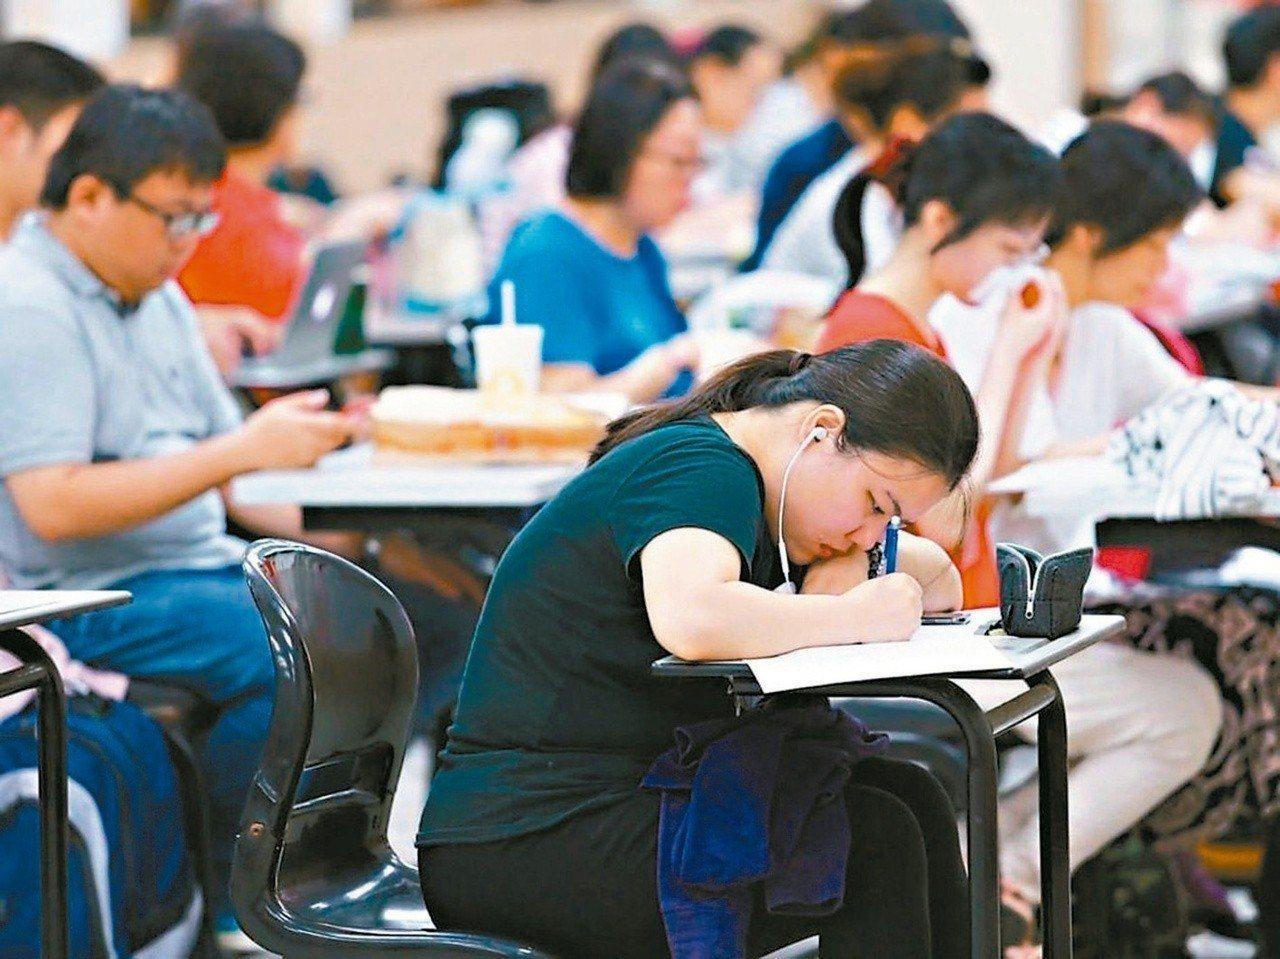 考試院通過修正專技高考建築師考試規則。 圖/聯合報系資料照片